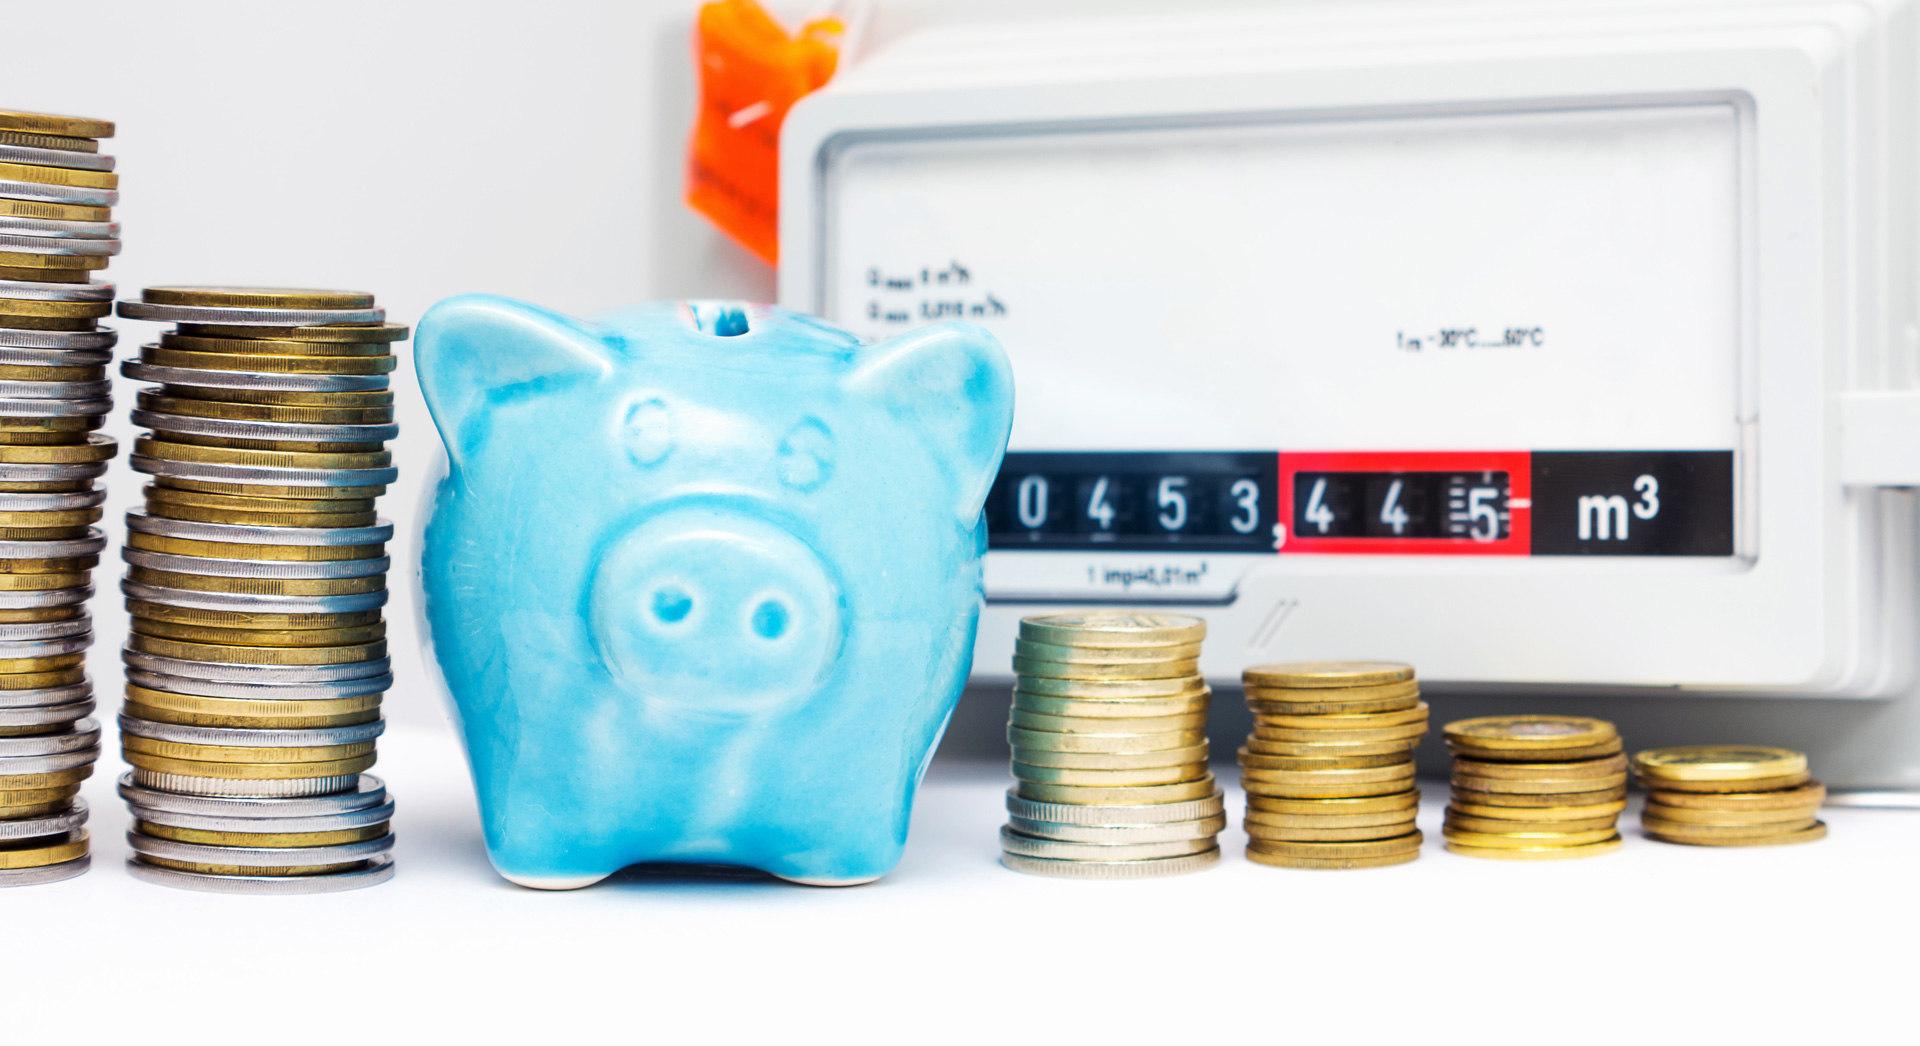 Schonen Sie Ihren Geldbeutel